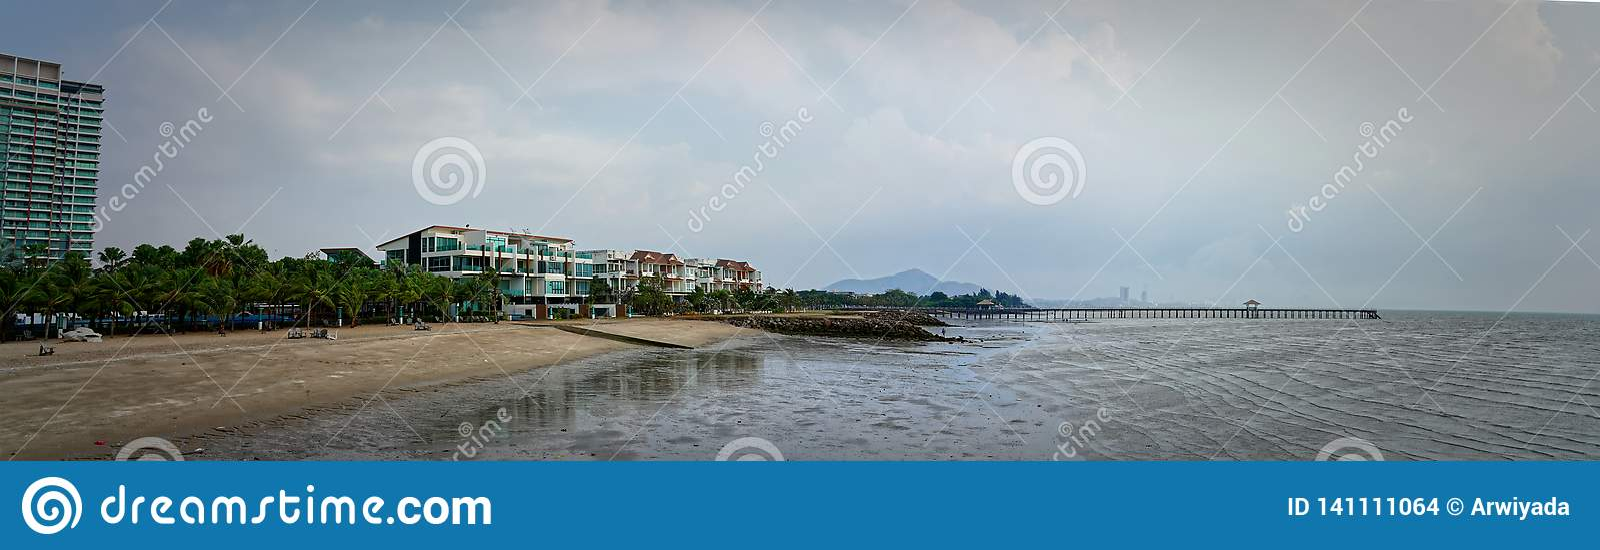 Панорамный взгляд птицы курорта, берега моря и пляжа с мостом o